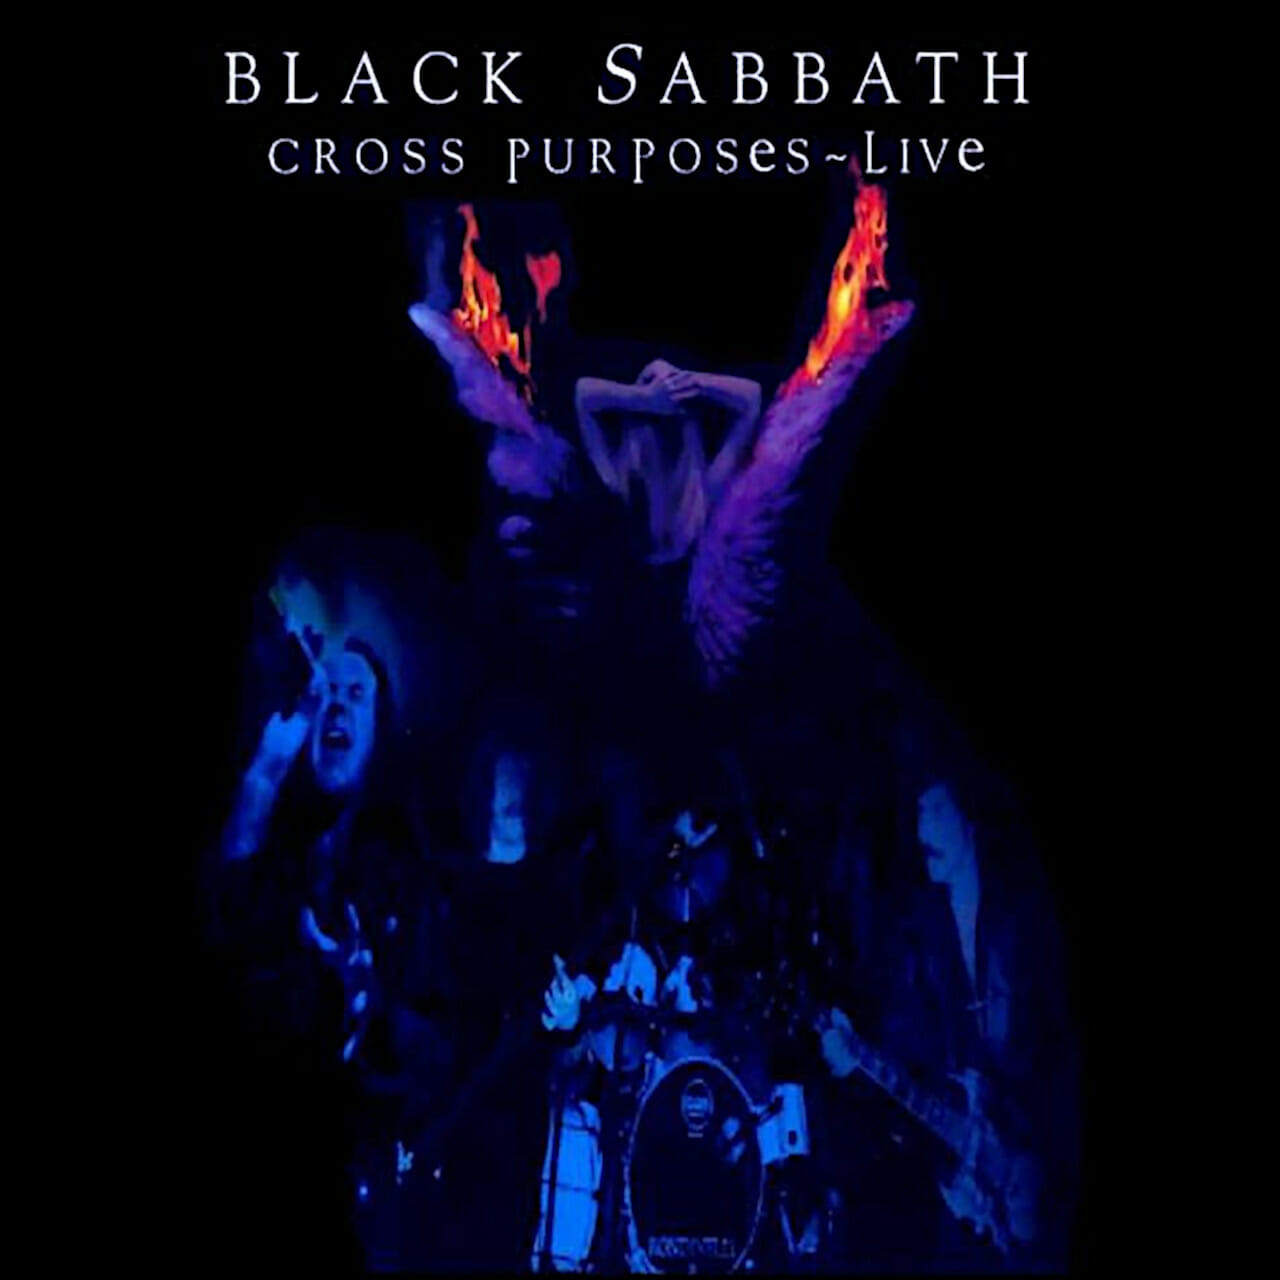 Black Sabbath - Objectifs croisés